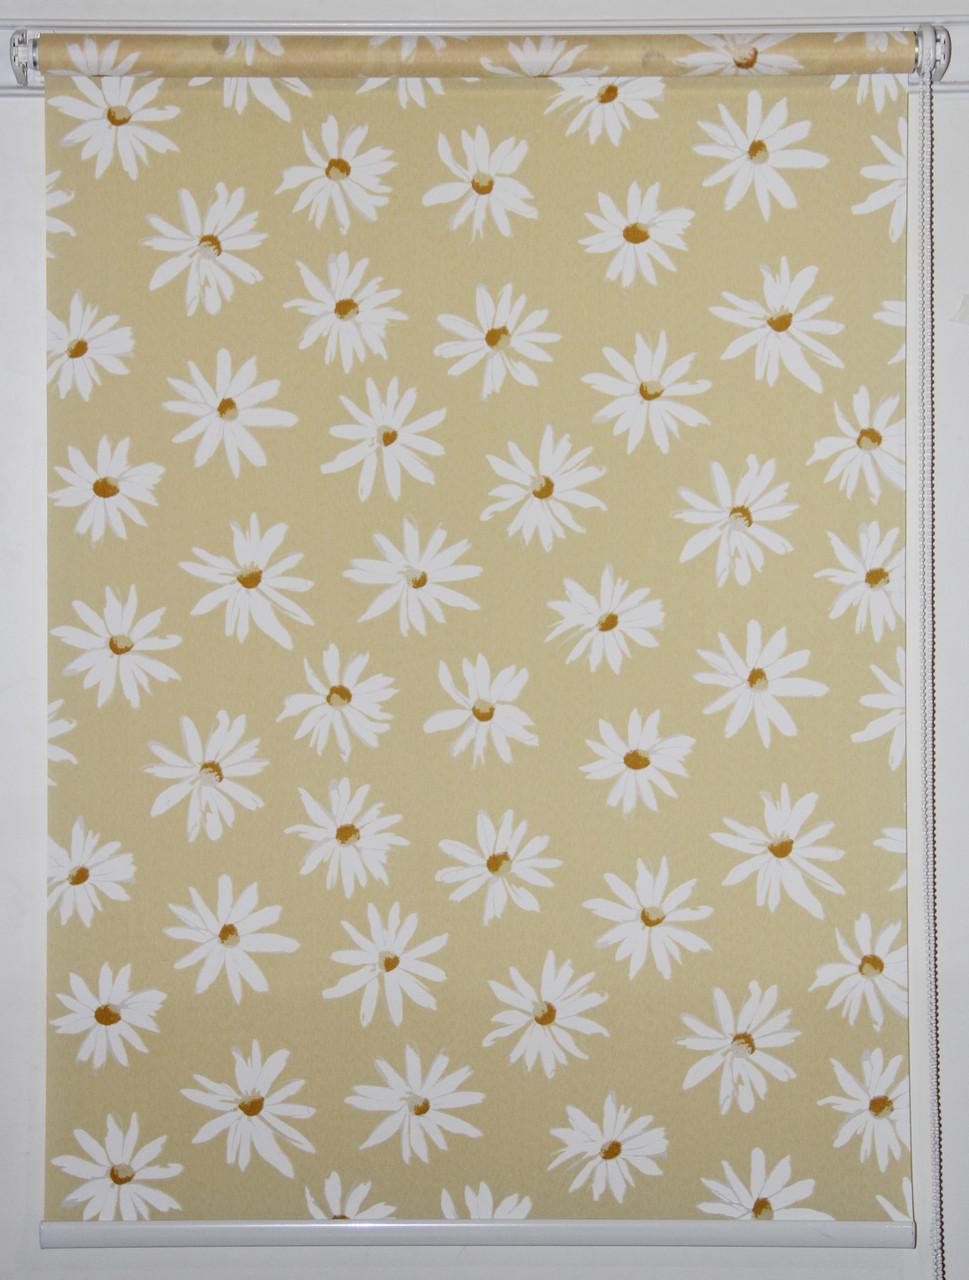 Готовые рулонные шторы 1250*1500 Ткань Ромашки Жёлтый